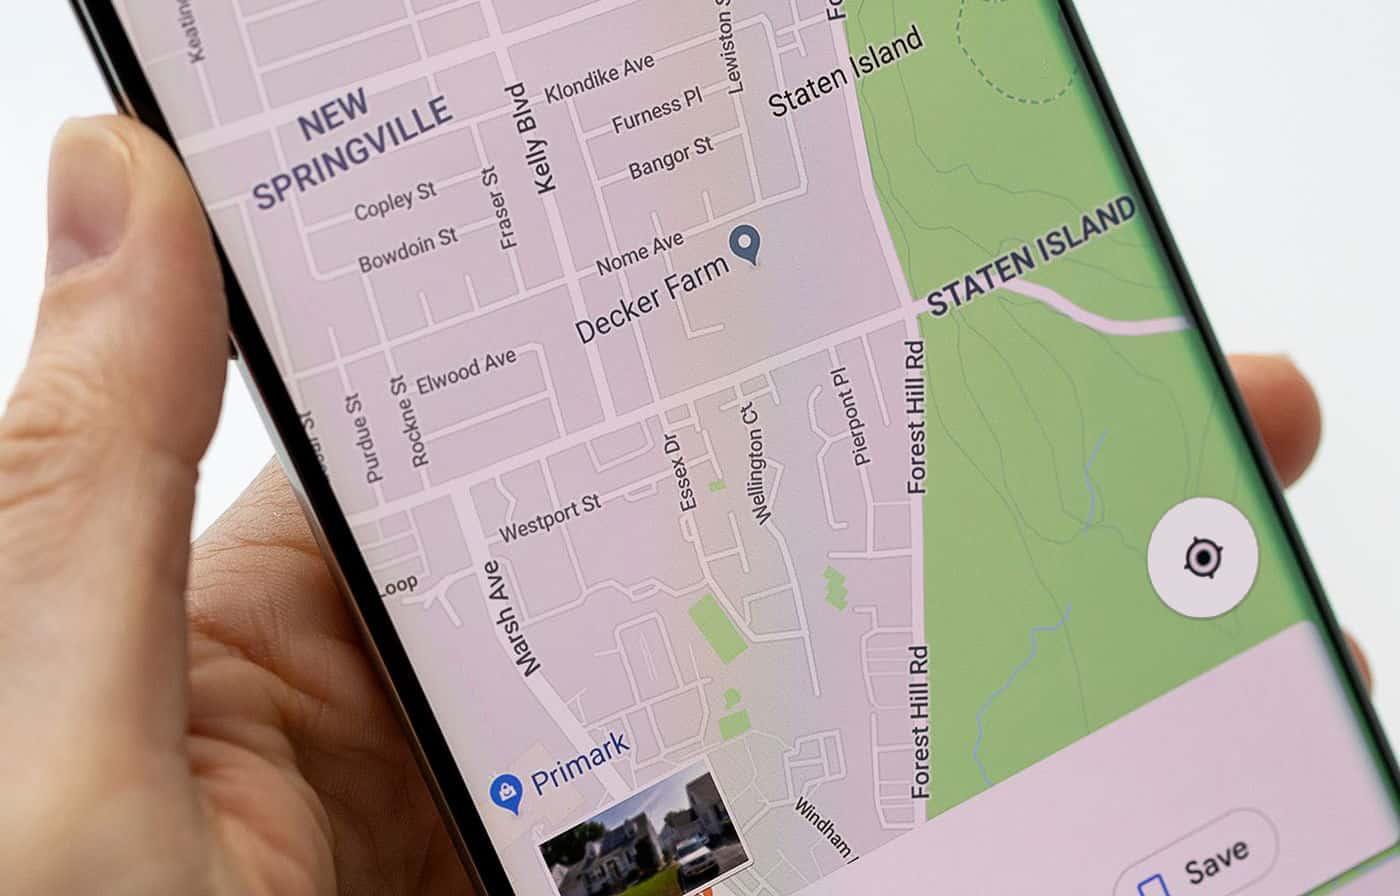 حذف اطلاعات مکانی تصاویر - عکس یک